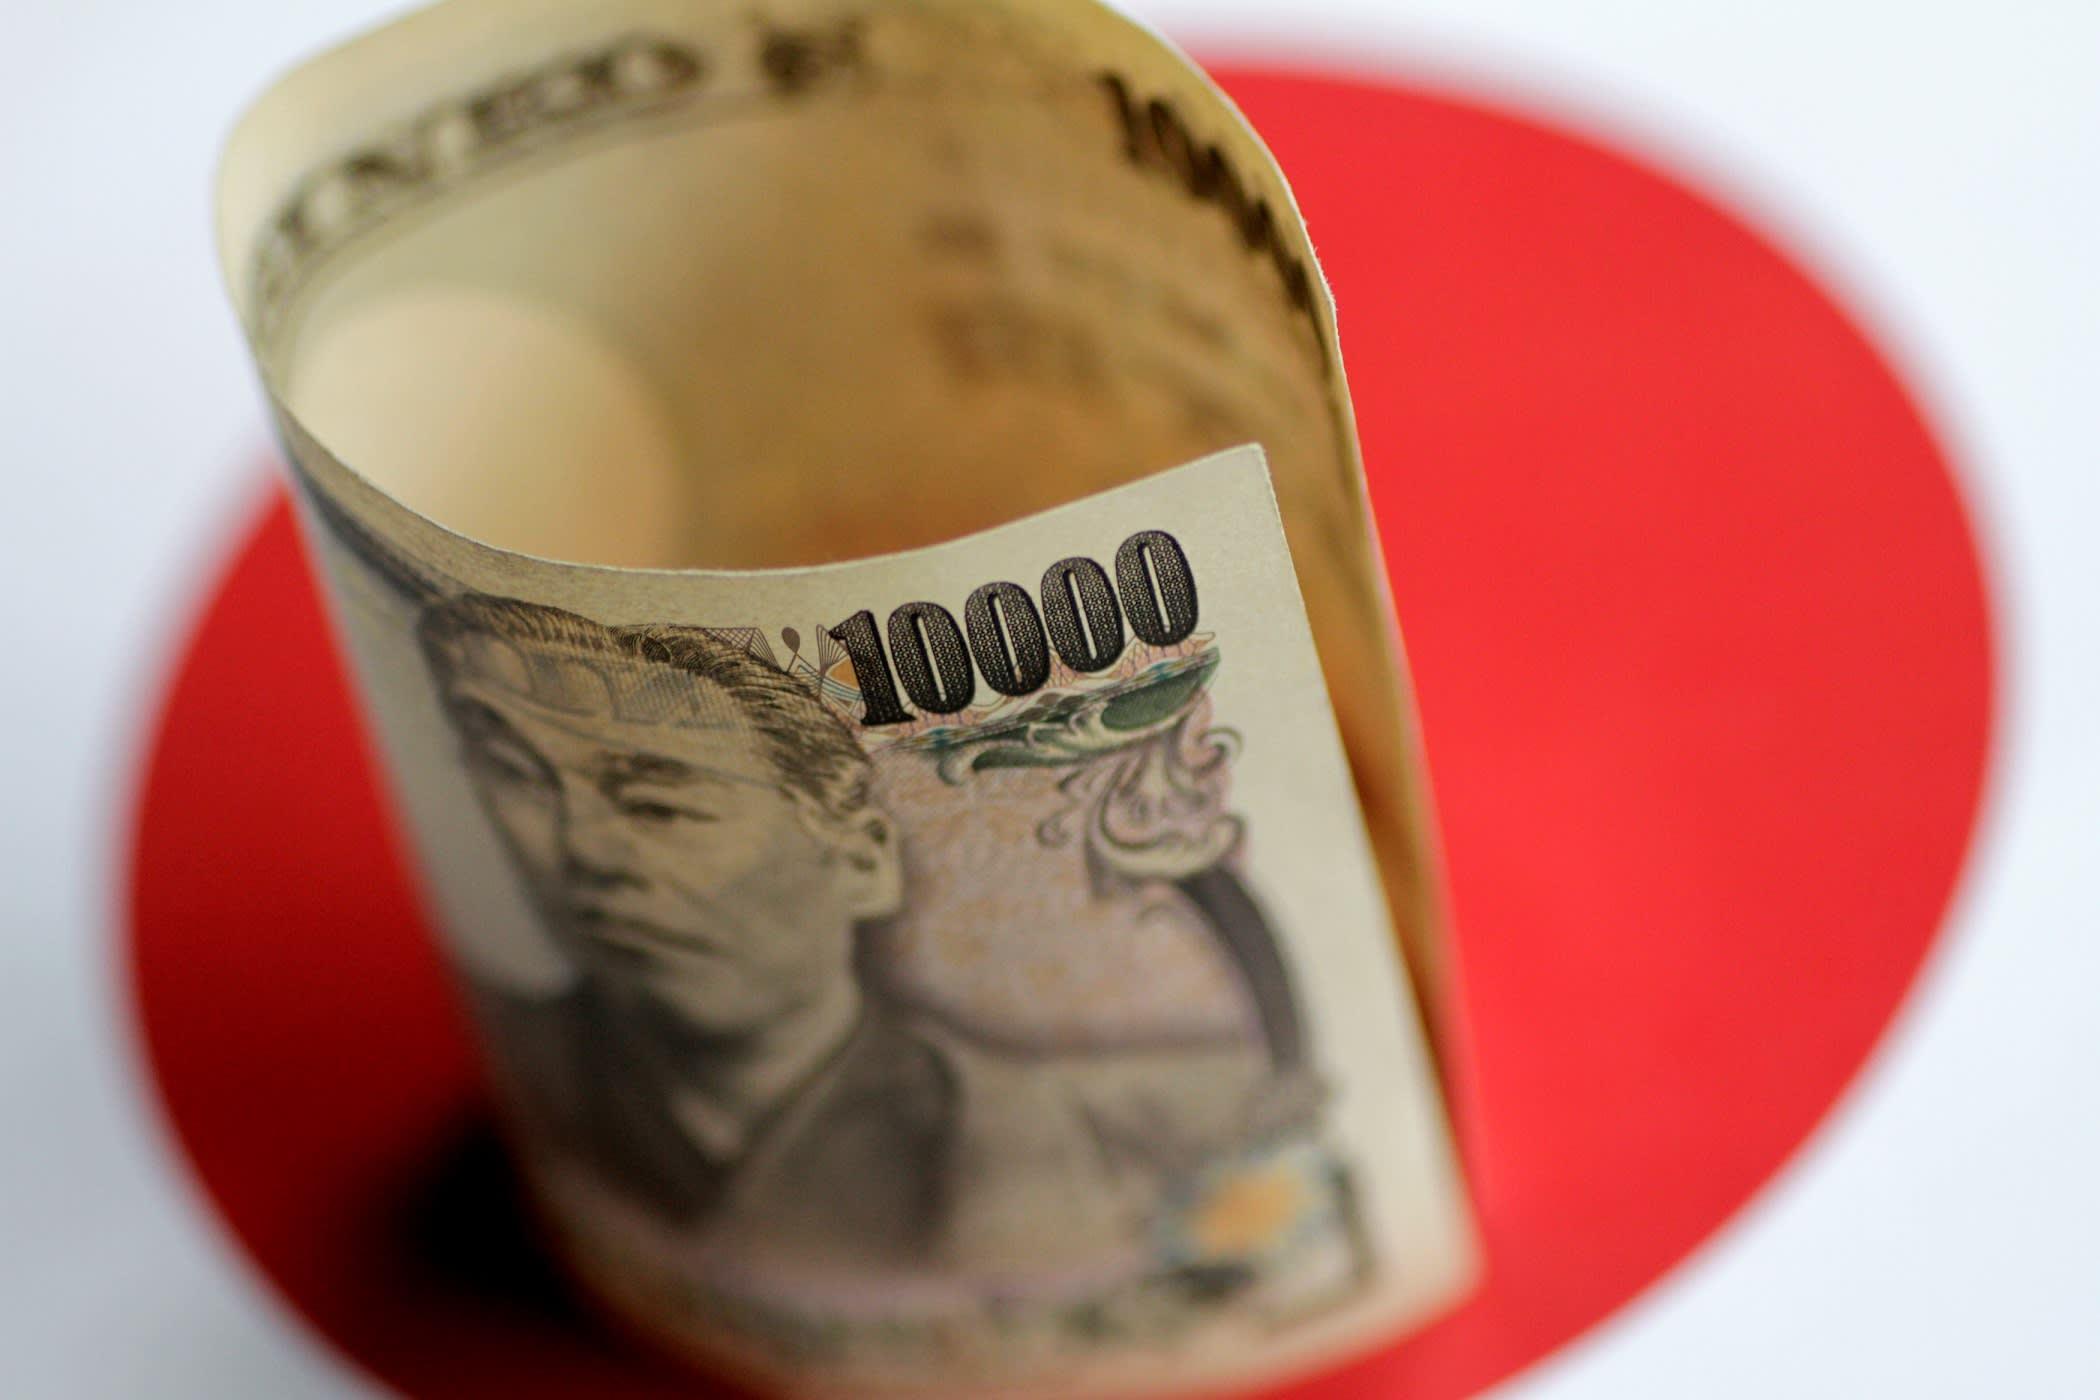 giá bitcoin: Nhật Bản đang xây dựng đề xuất phát hành đồng tiền kỹ thuật số quốc gia